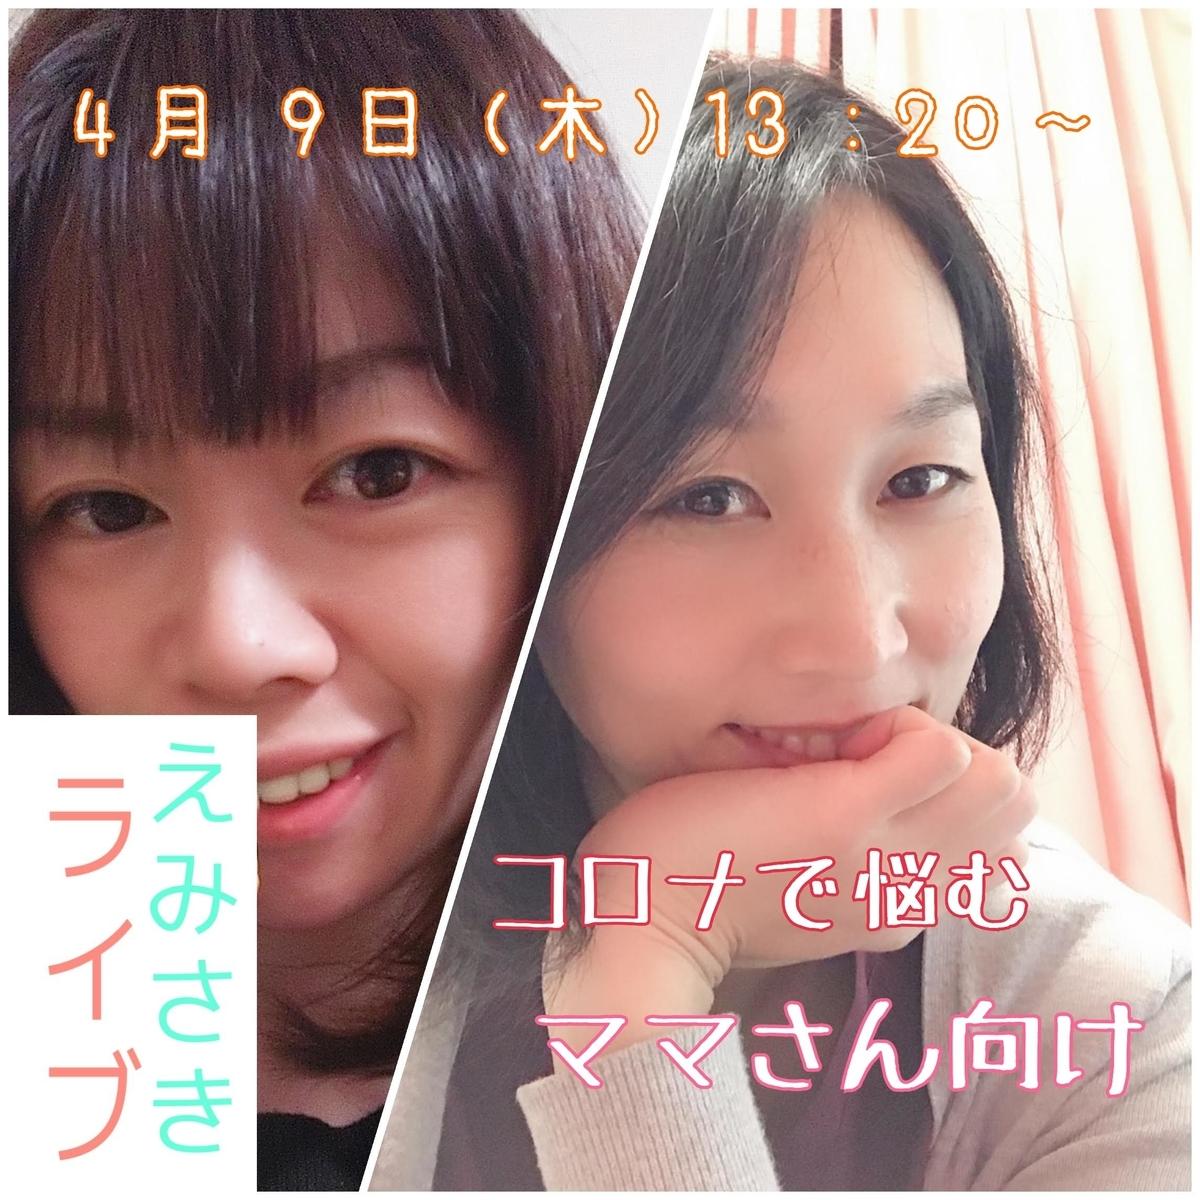 f:id:nagasaki-harikyusekkotsuin:20200408085219j:plain